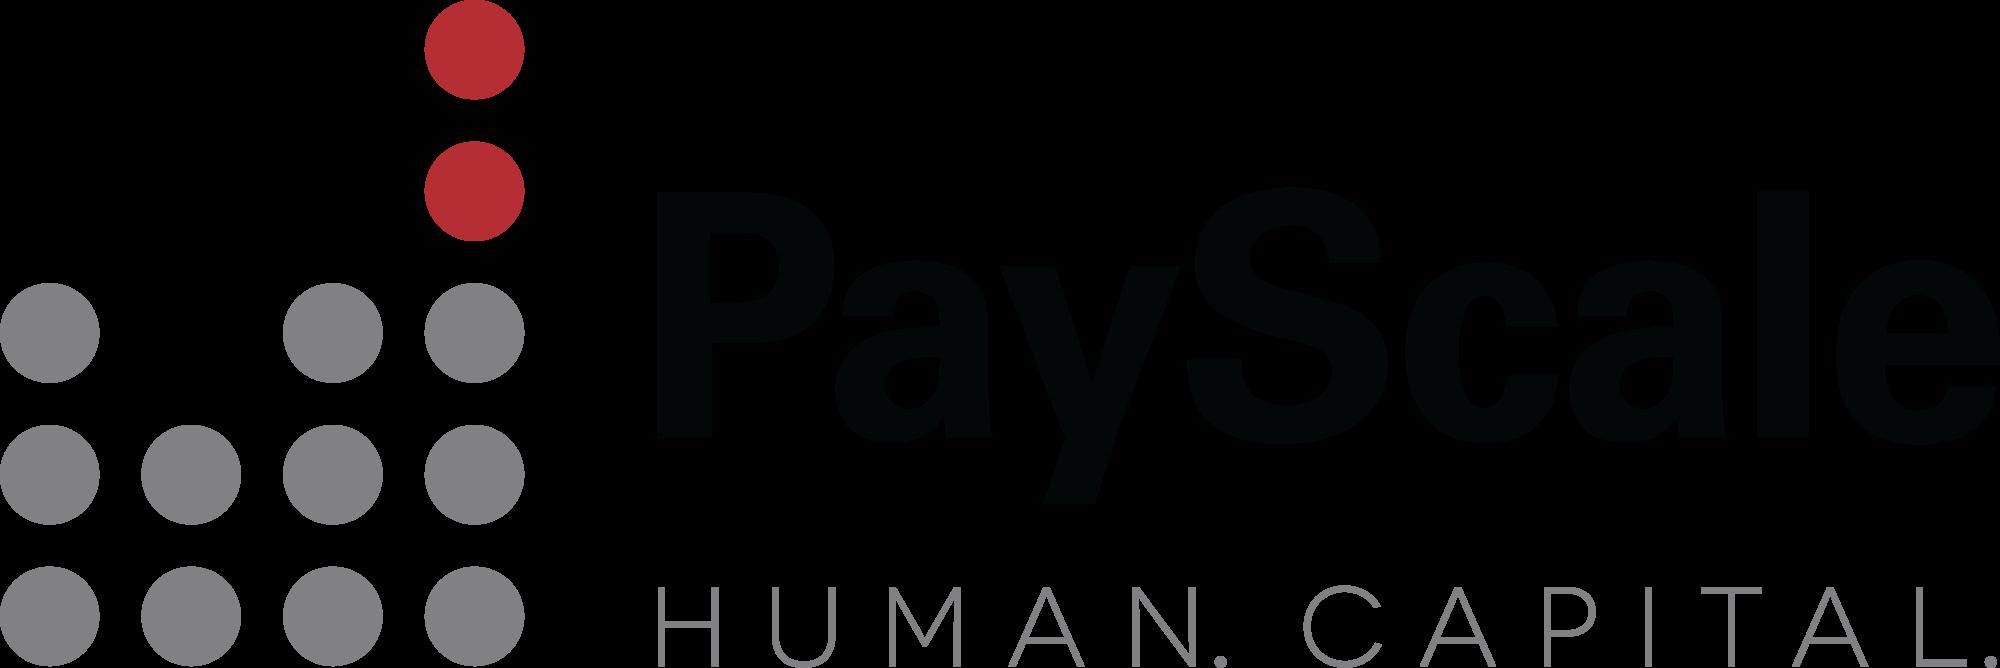 payscale_logo_tag_RGB-2000